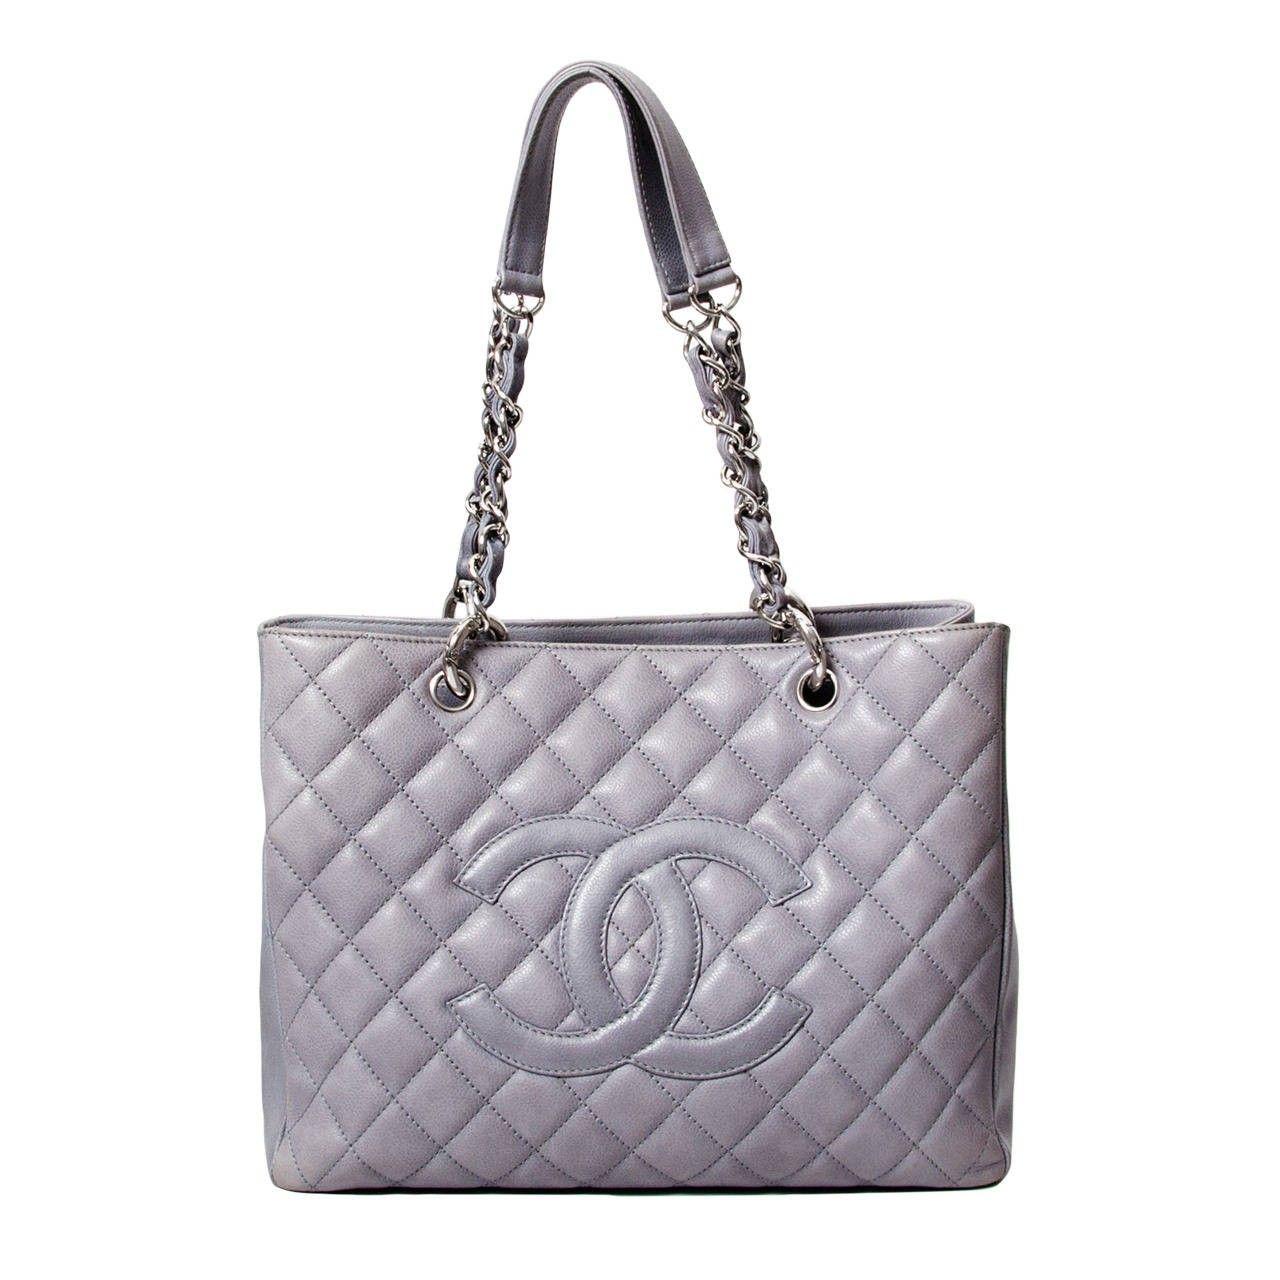 Chanel Grand Shopping Tote Second Hand Www Labellov Com